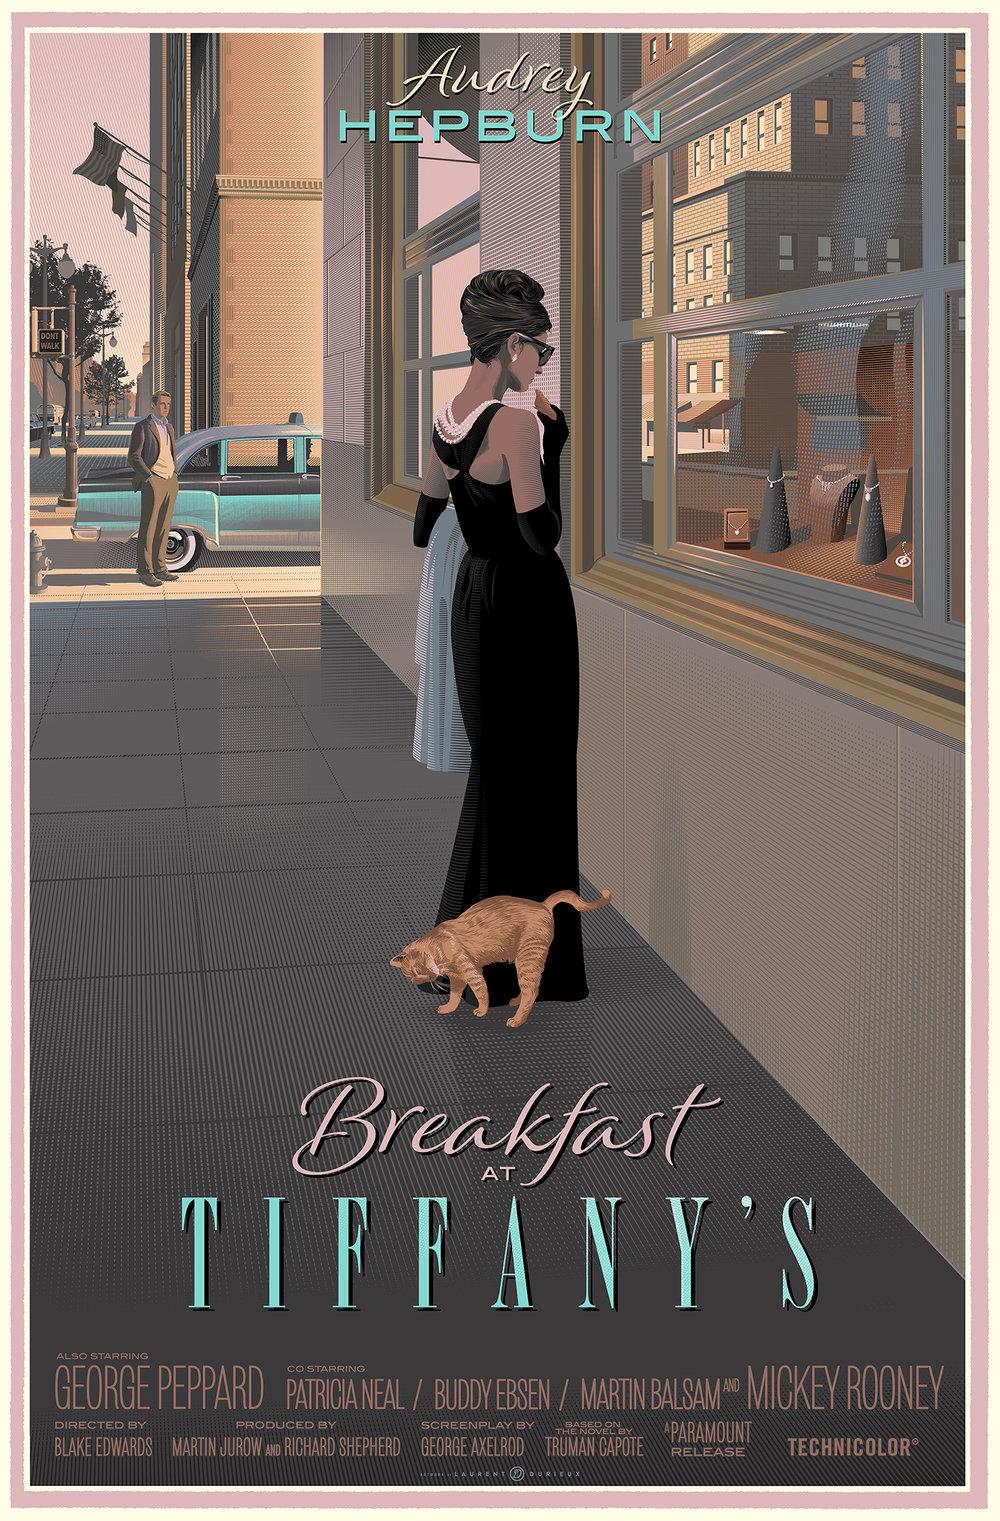 LAURENT DURIEUX Audrey hepburn, Breakfast at tiffany's